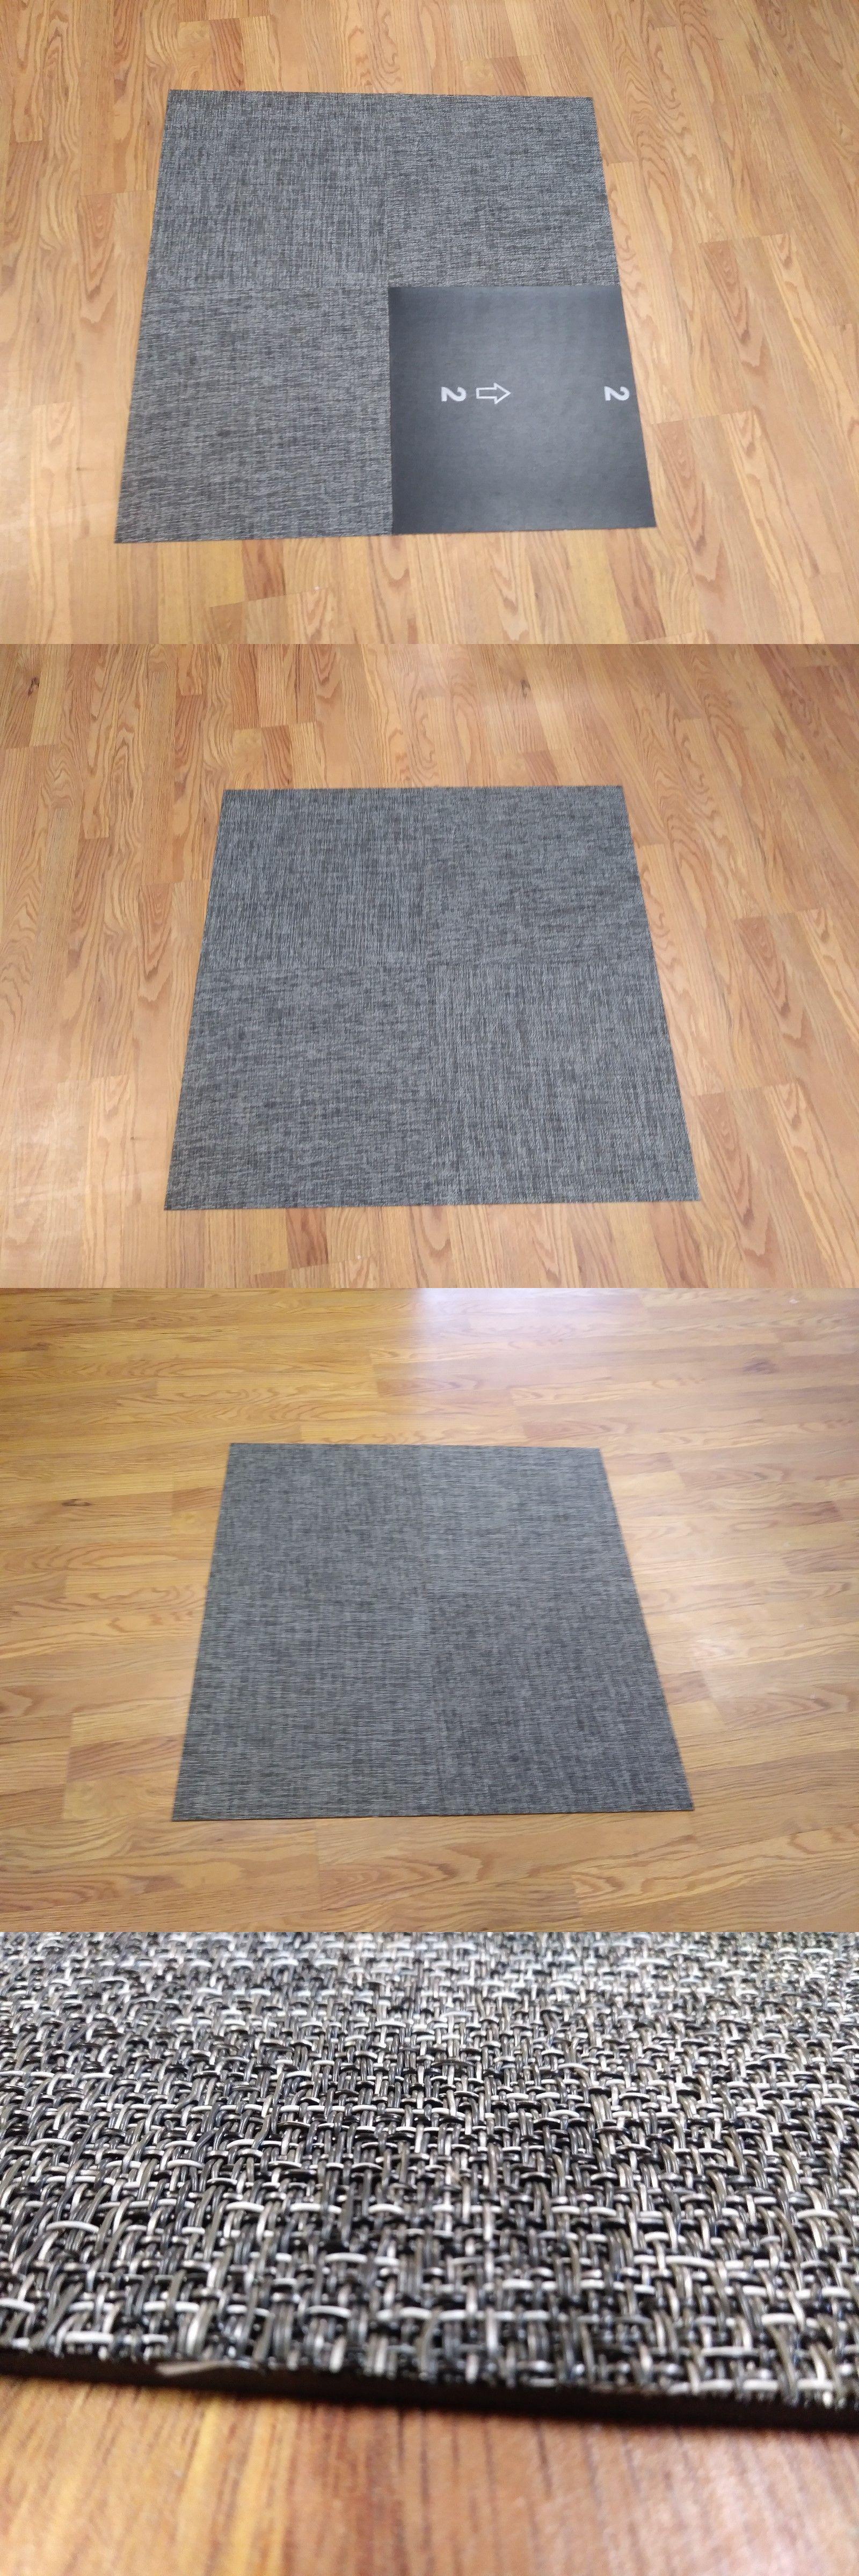 Carpet Tiles 136820 Chilewich Boucle Grey Vinyl Woven Floor Tile